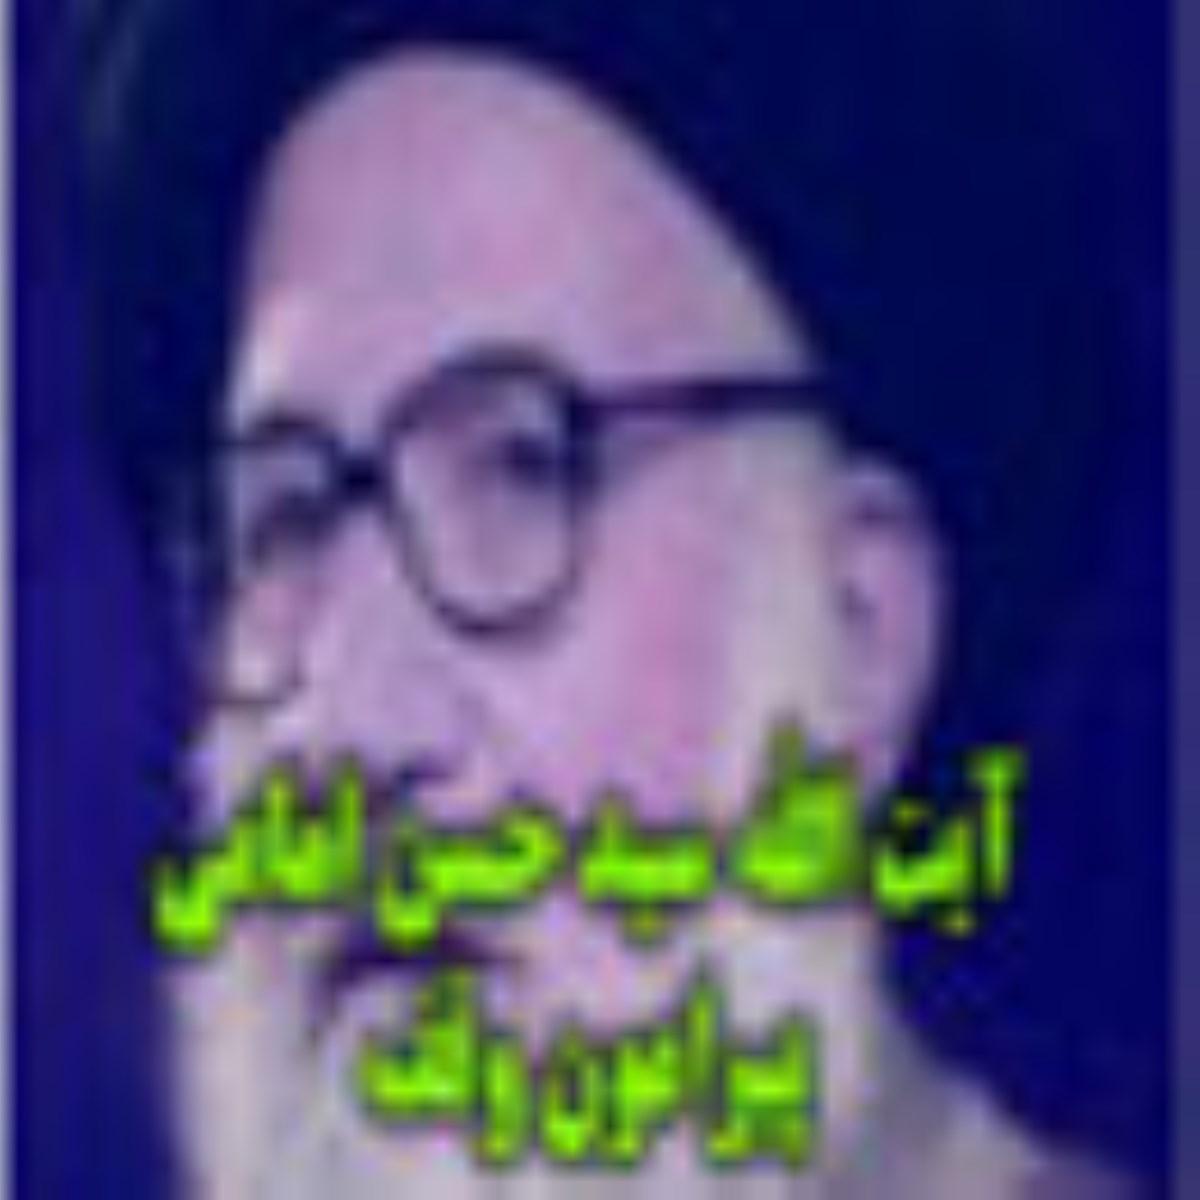 گفتگو با آيت الله سيد حسن امامي احياگر کوشاي مدارس علميه و موقوفات آن